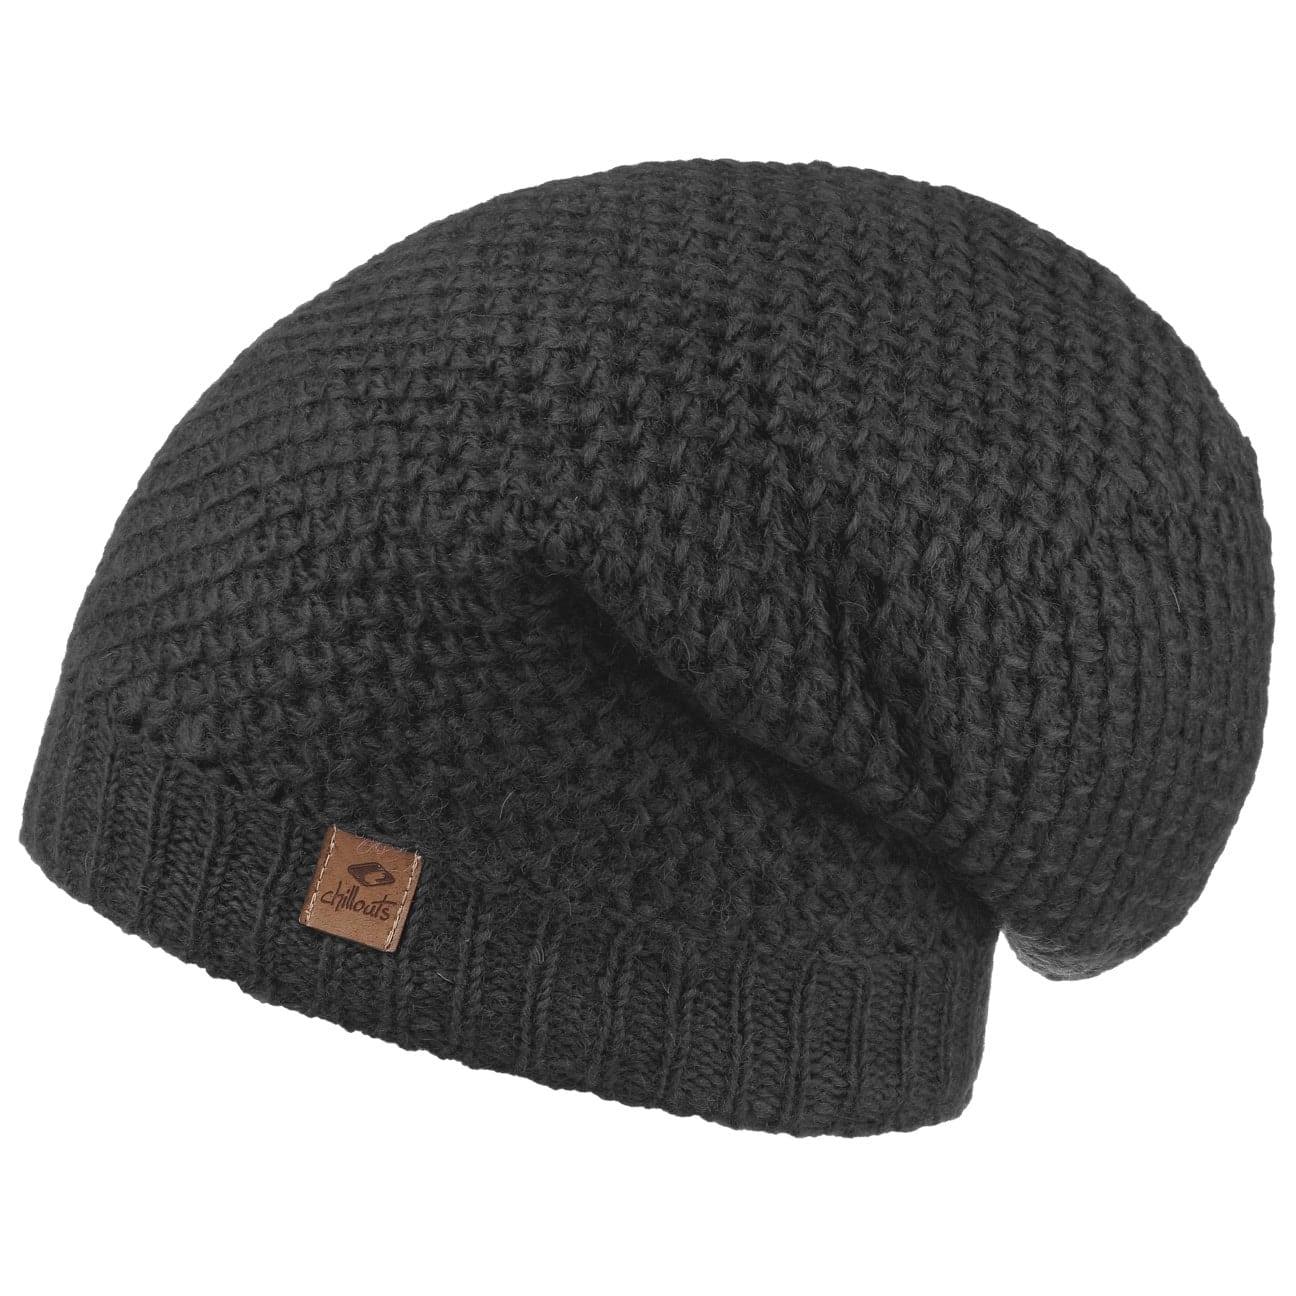 Bonnet Nele Oversize by Chillouts  bonnet pour homme